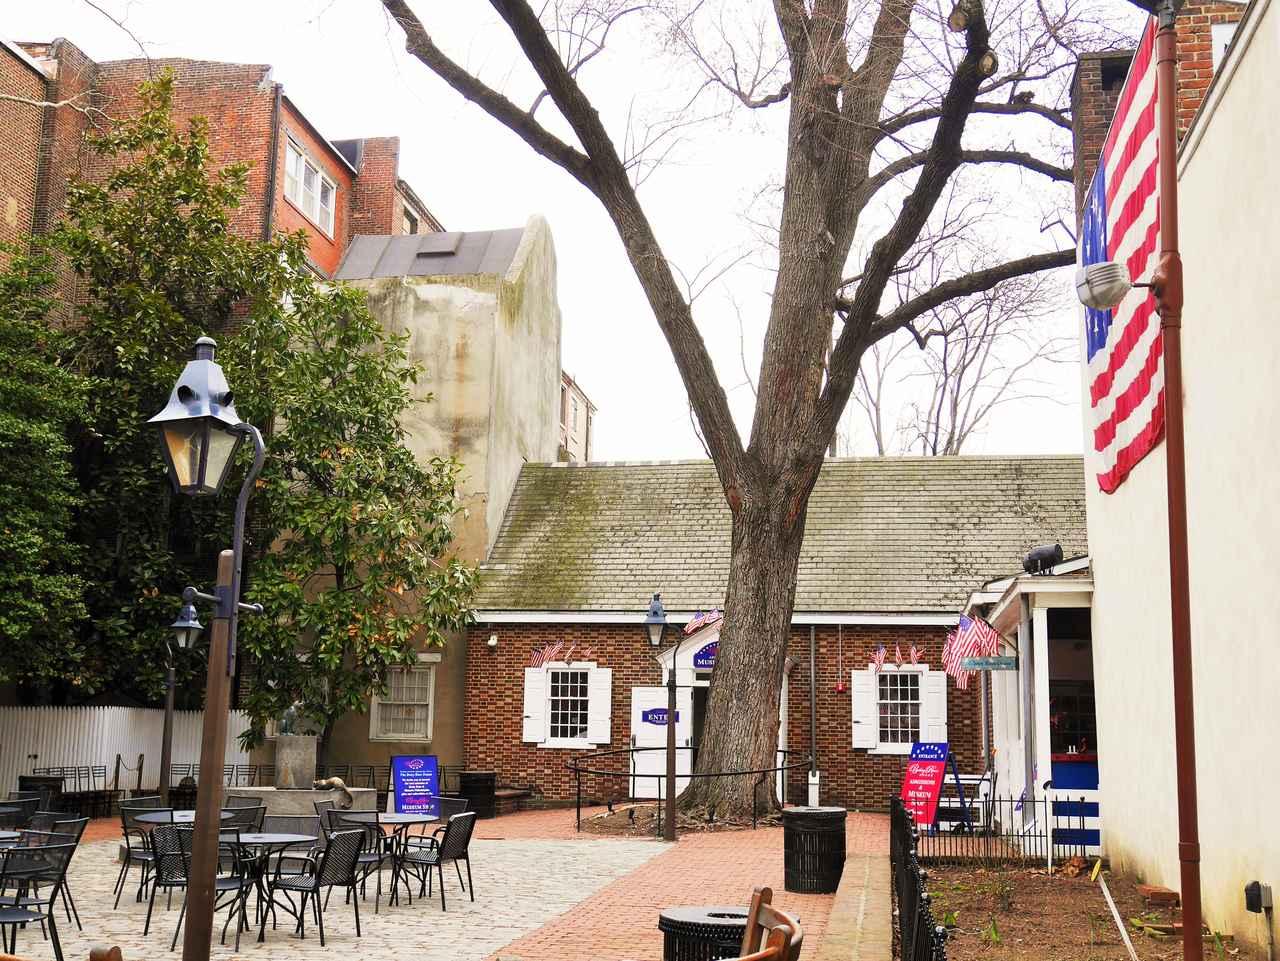 画像: 星条旗を初めて縫ったと言われるベッツィ・ロスの家(イメージ)